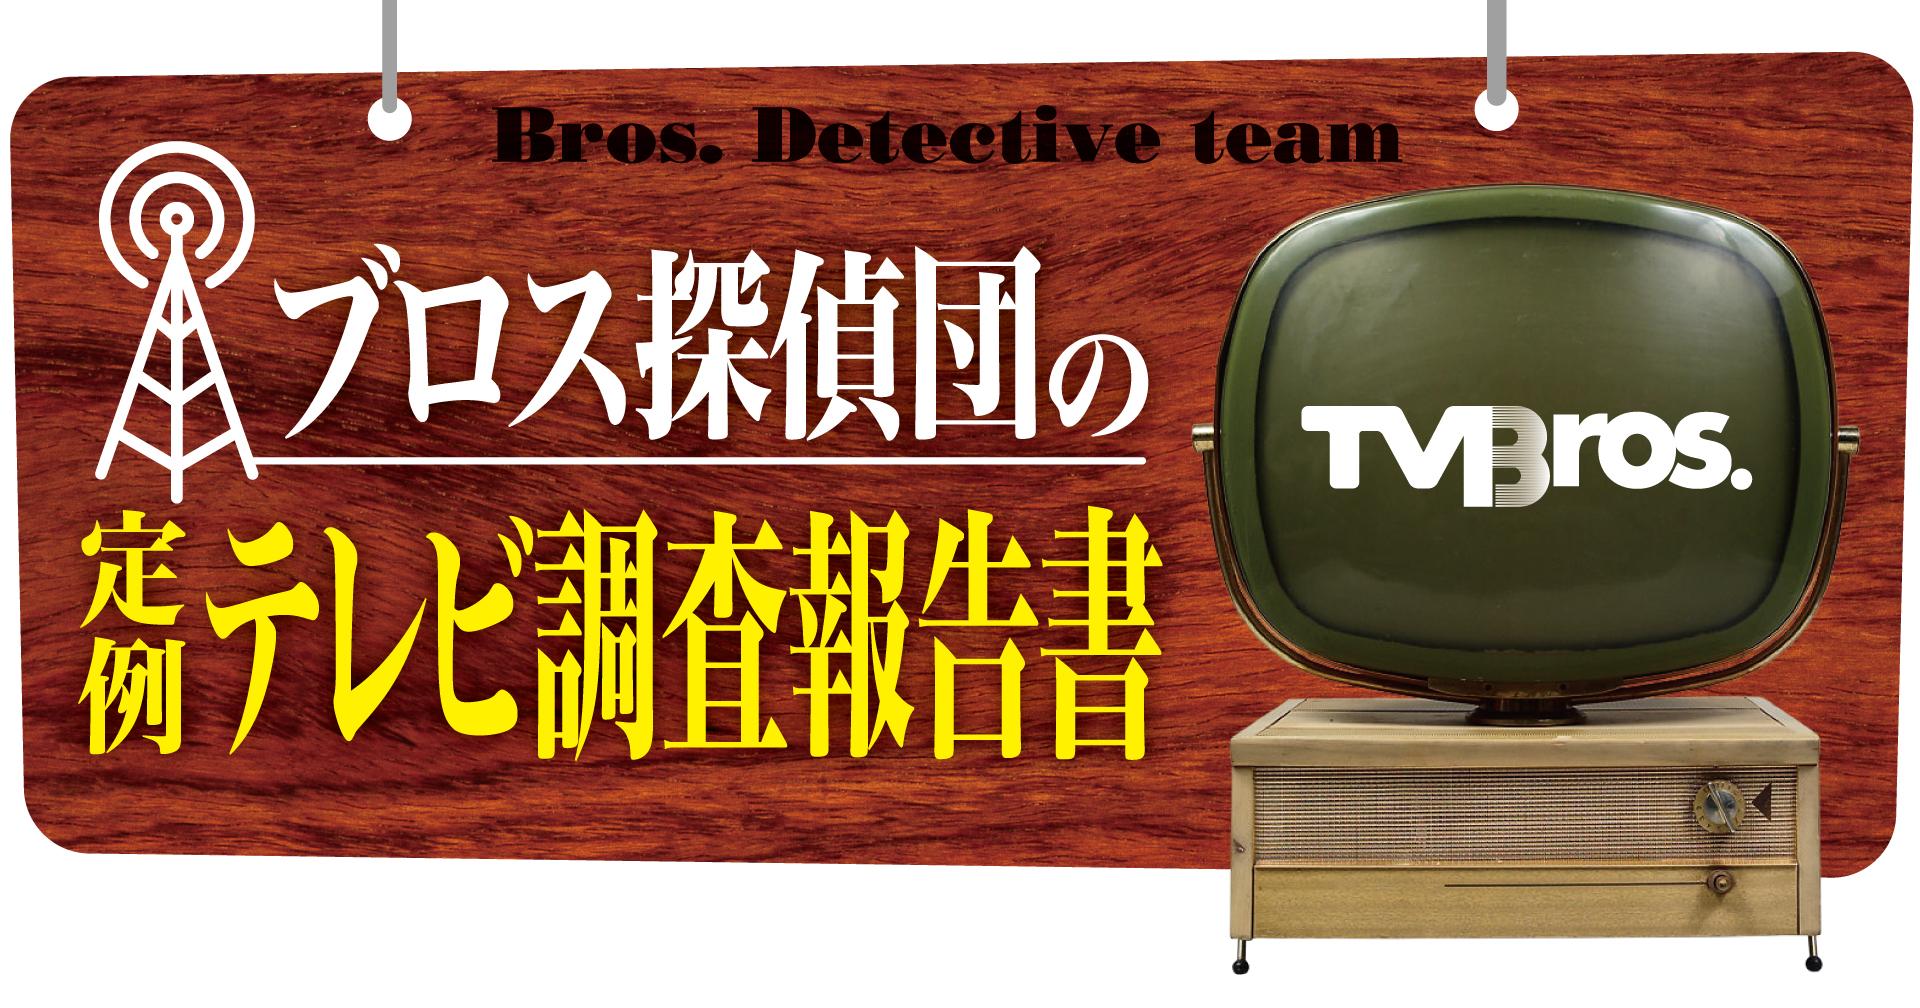 ブロス探偵団・定例テレビ調査報告書